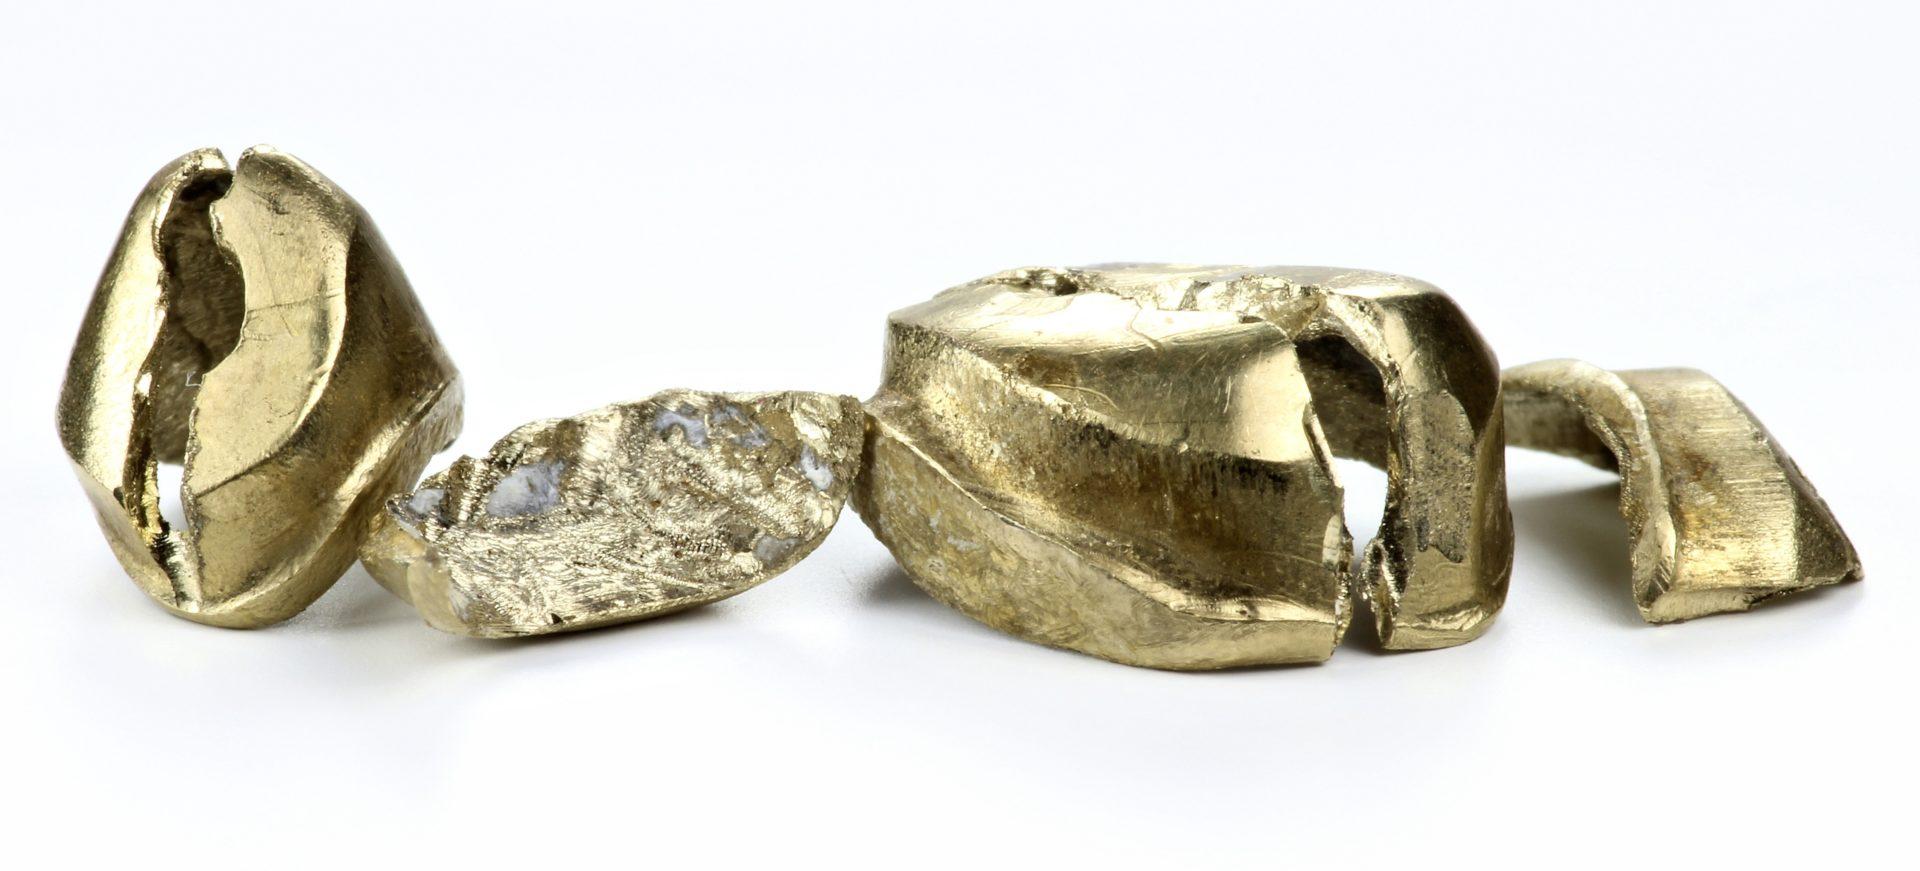 Risikofrei Zahngold verkaufen – Da sind Sie bei uns genau richtig!_Zahngold-verkaufen_Zahngold-ankaufen_Dentalgold-ankaufen_Goldankauf_Aurax Edelmetallhandel GmbH_Bargeld-fuer Zahngold